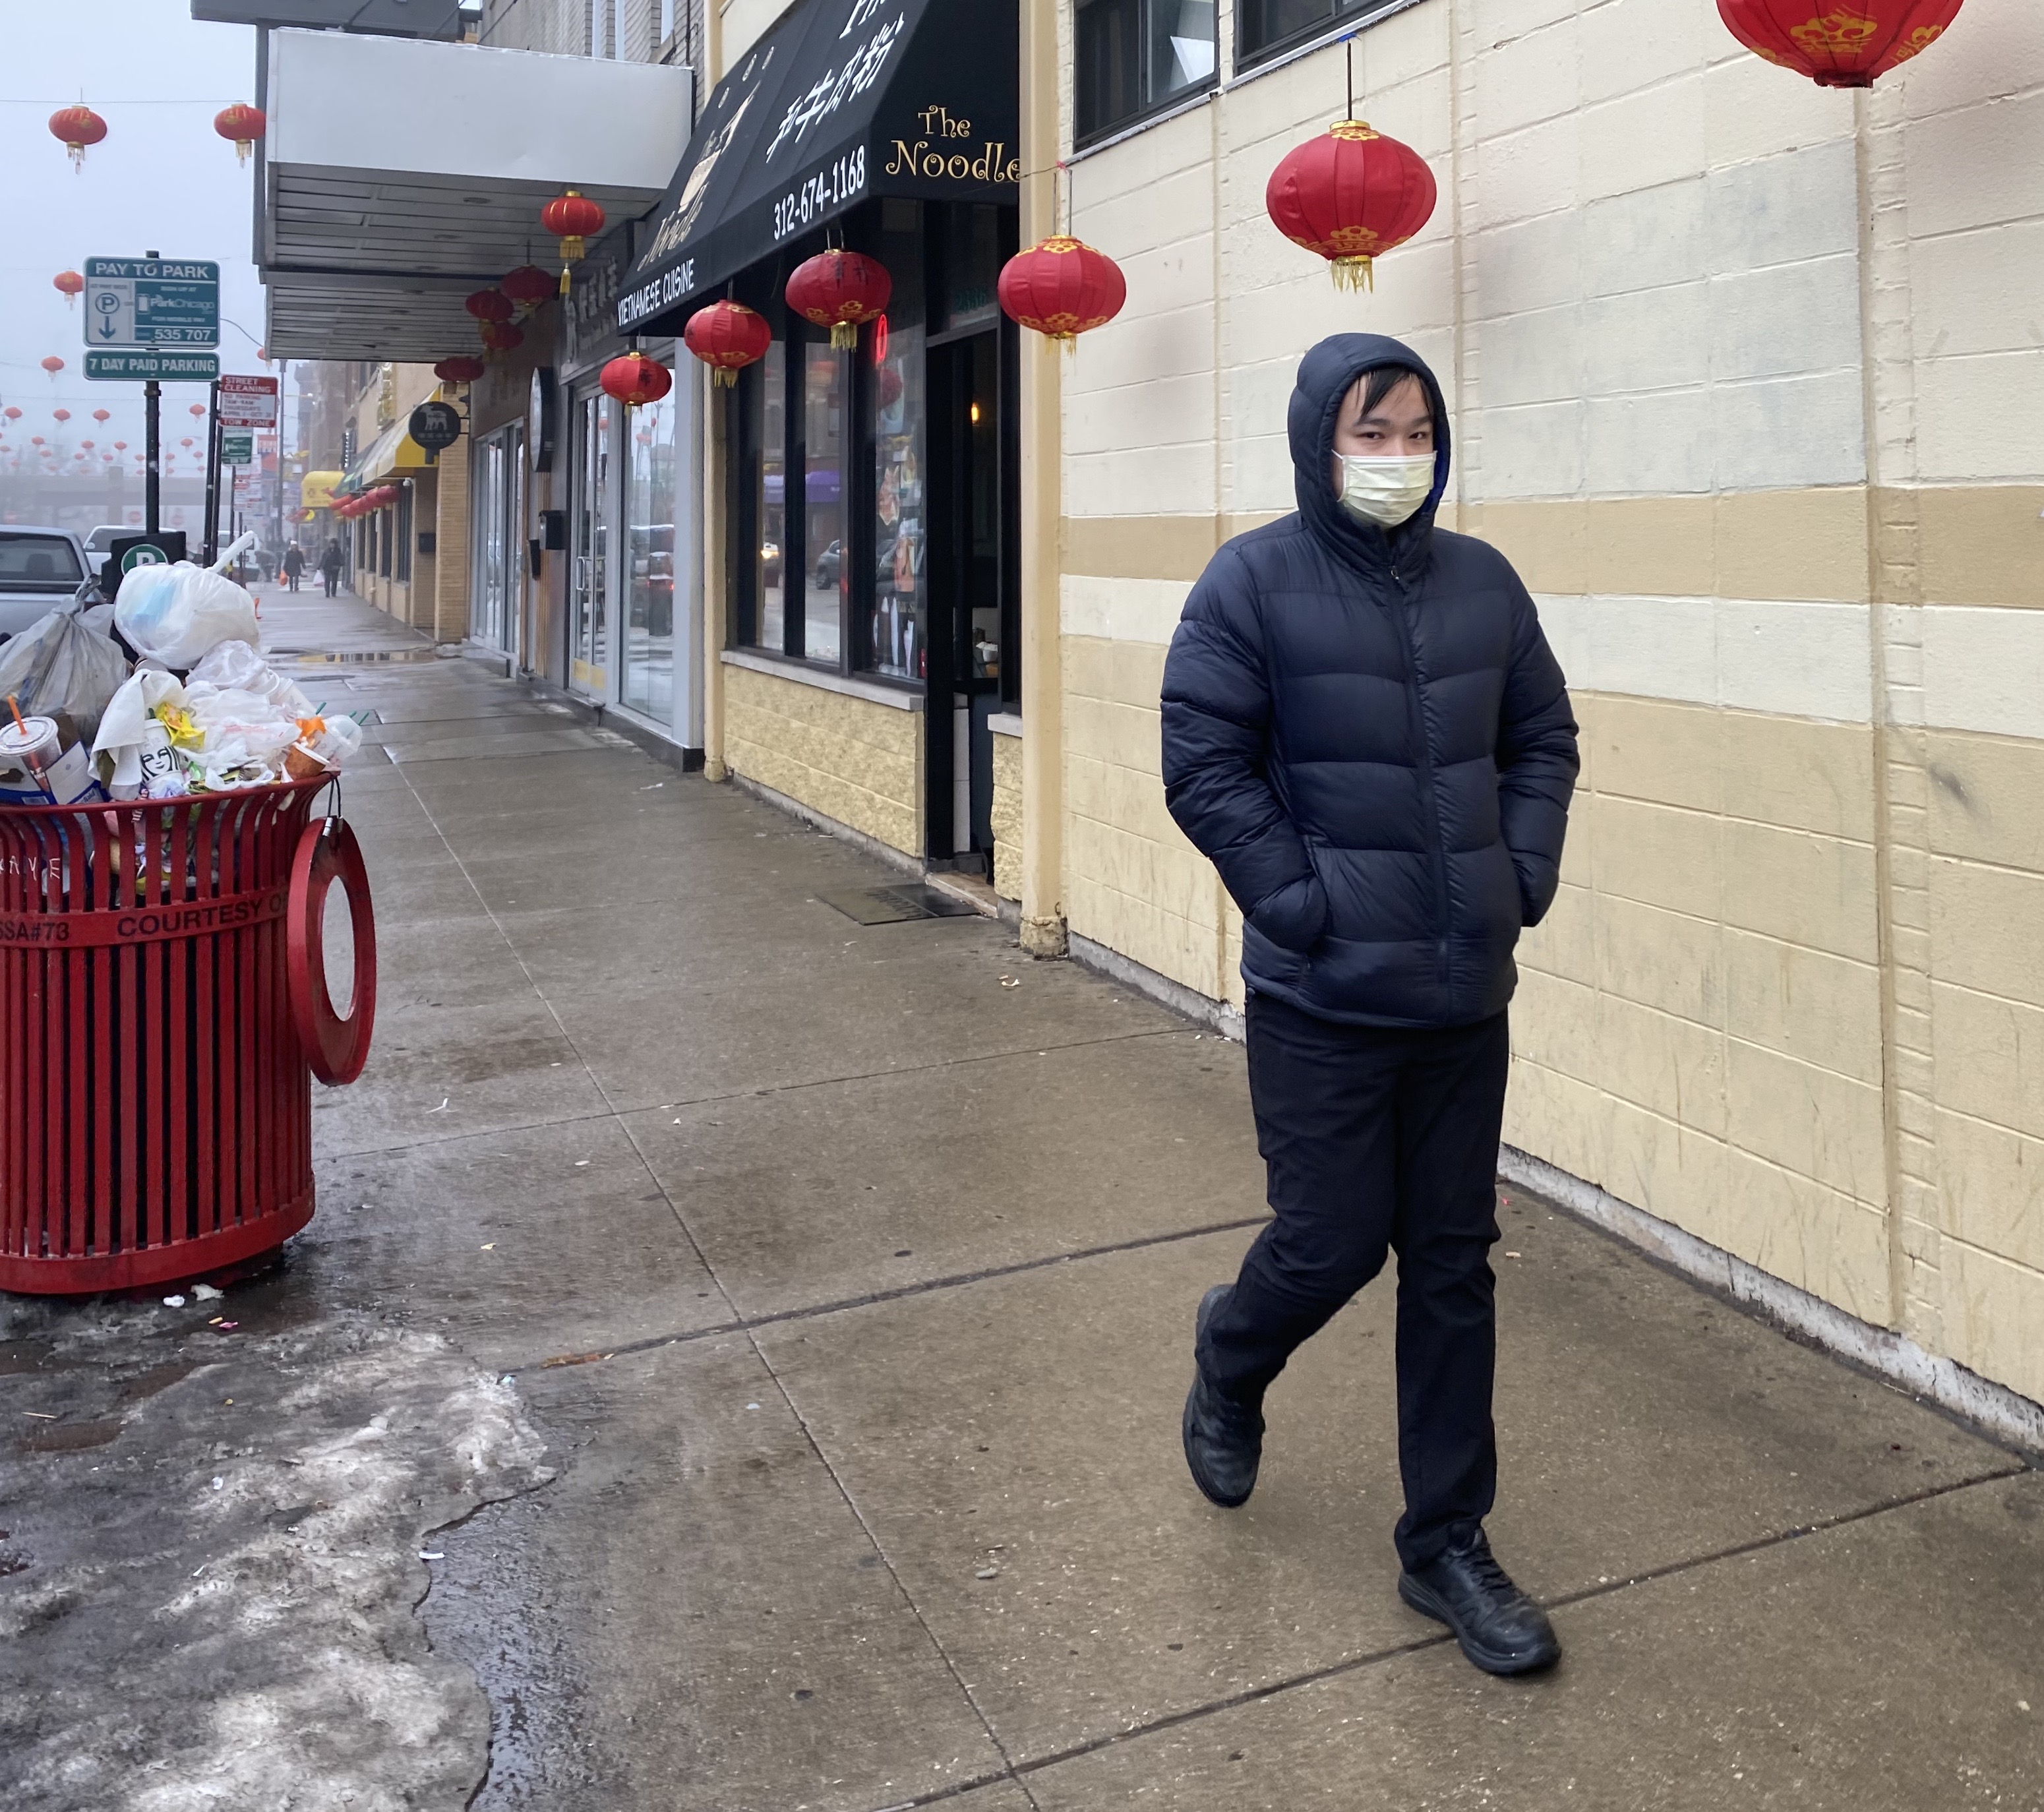 美國疾病控制與預防中心(CDC)24日宣布,芝加哥一名60多歲的婦女已確診為全美第二例新型冠狀病毒肺炎病例。圖為芝加哥華埠有人戴口罩防護。特派員黃惠玲╱攝影